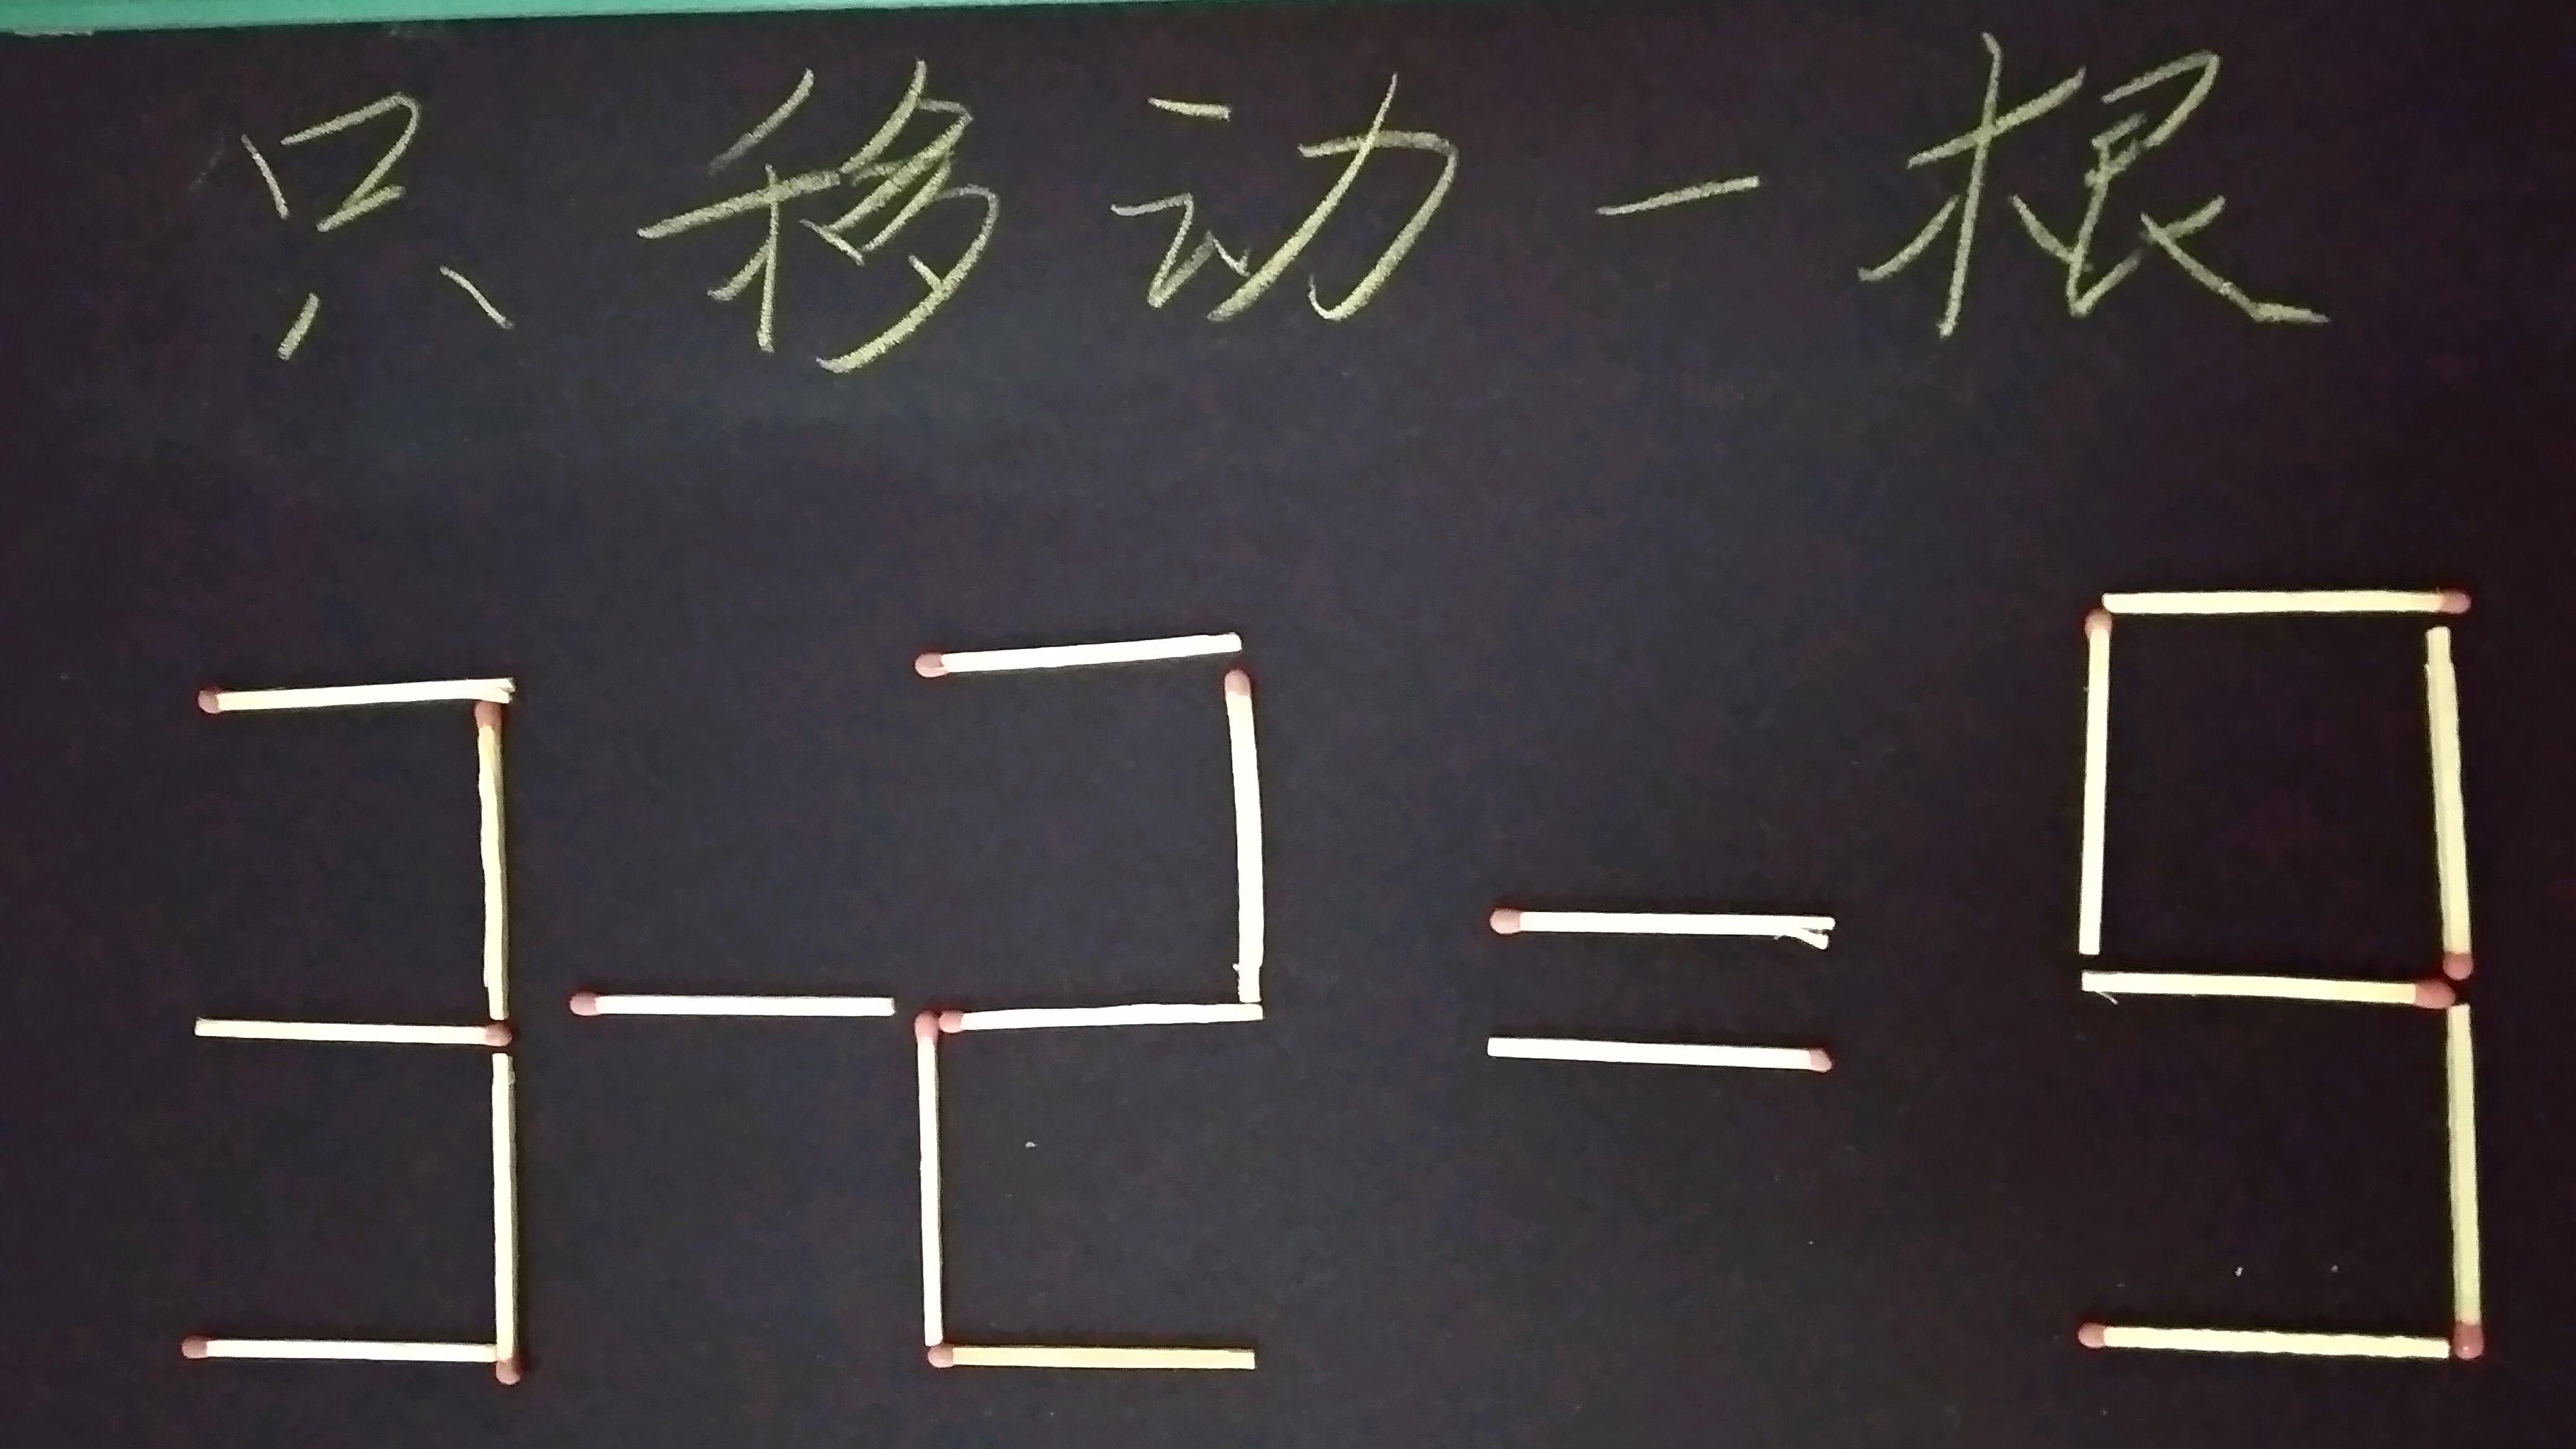 你是真学霸吗?看看这道小学奥数题:怎样使32=9成立呢?